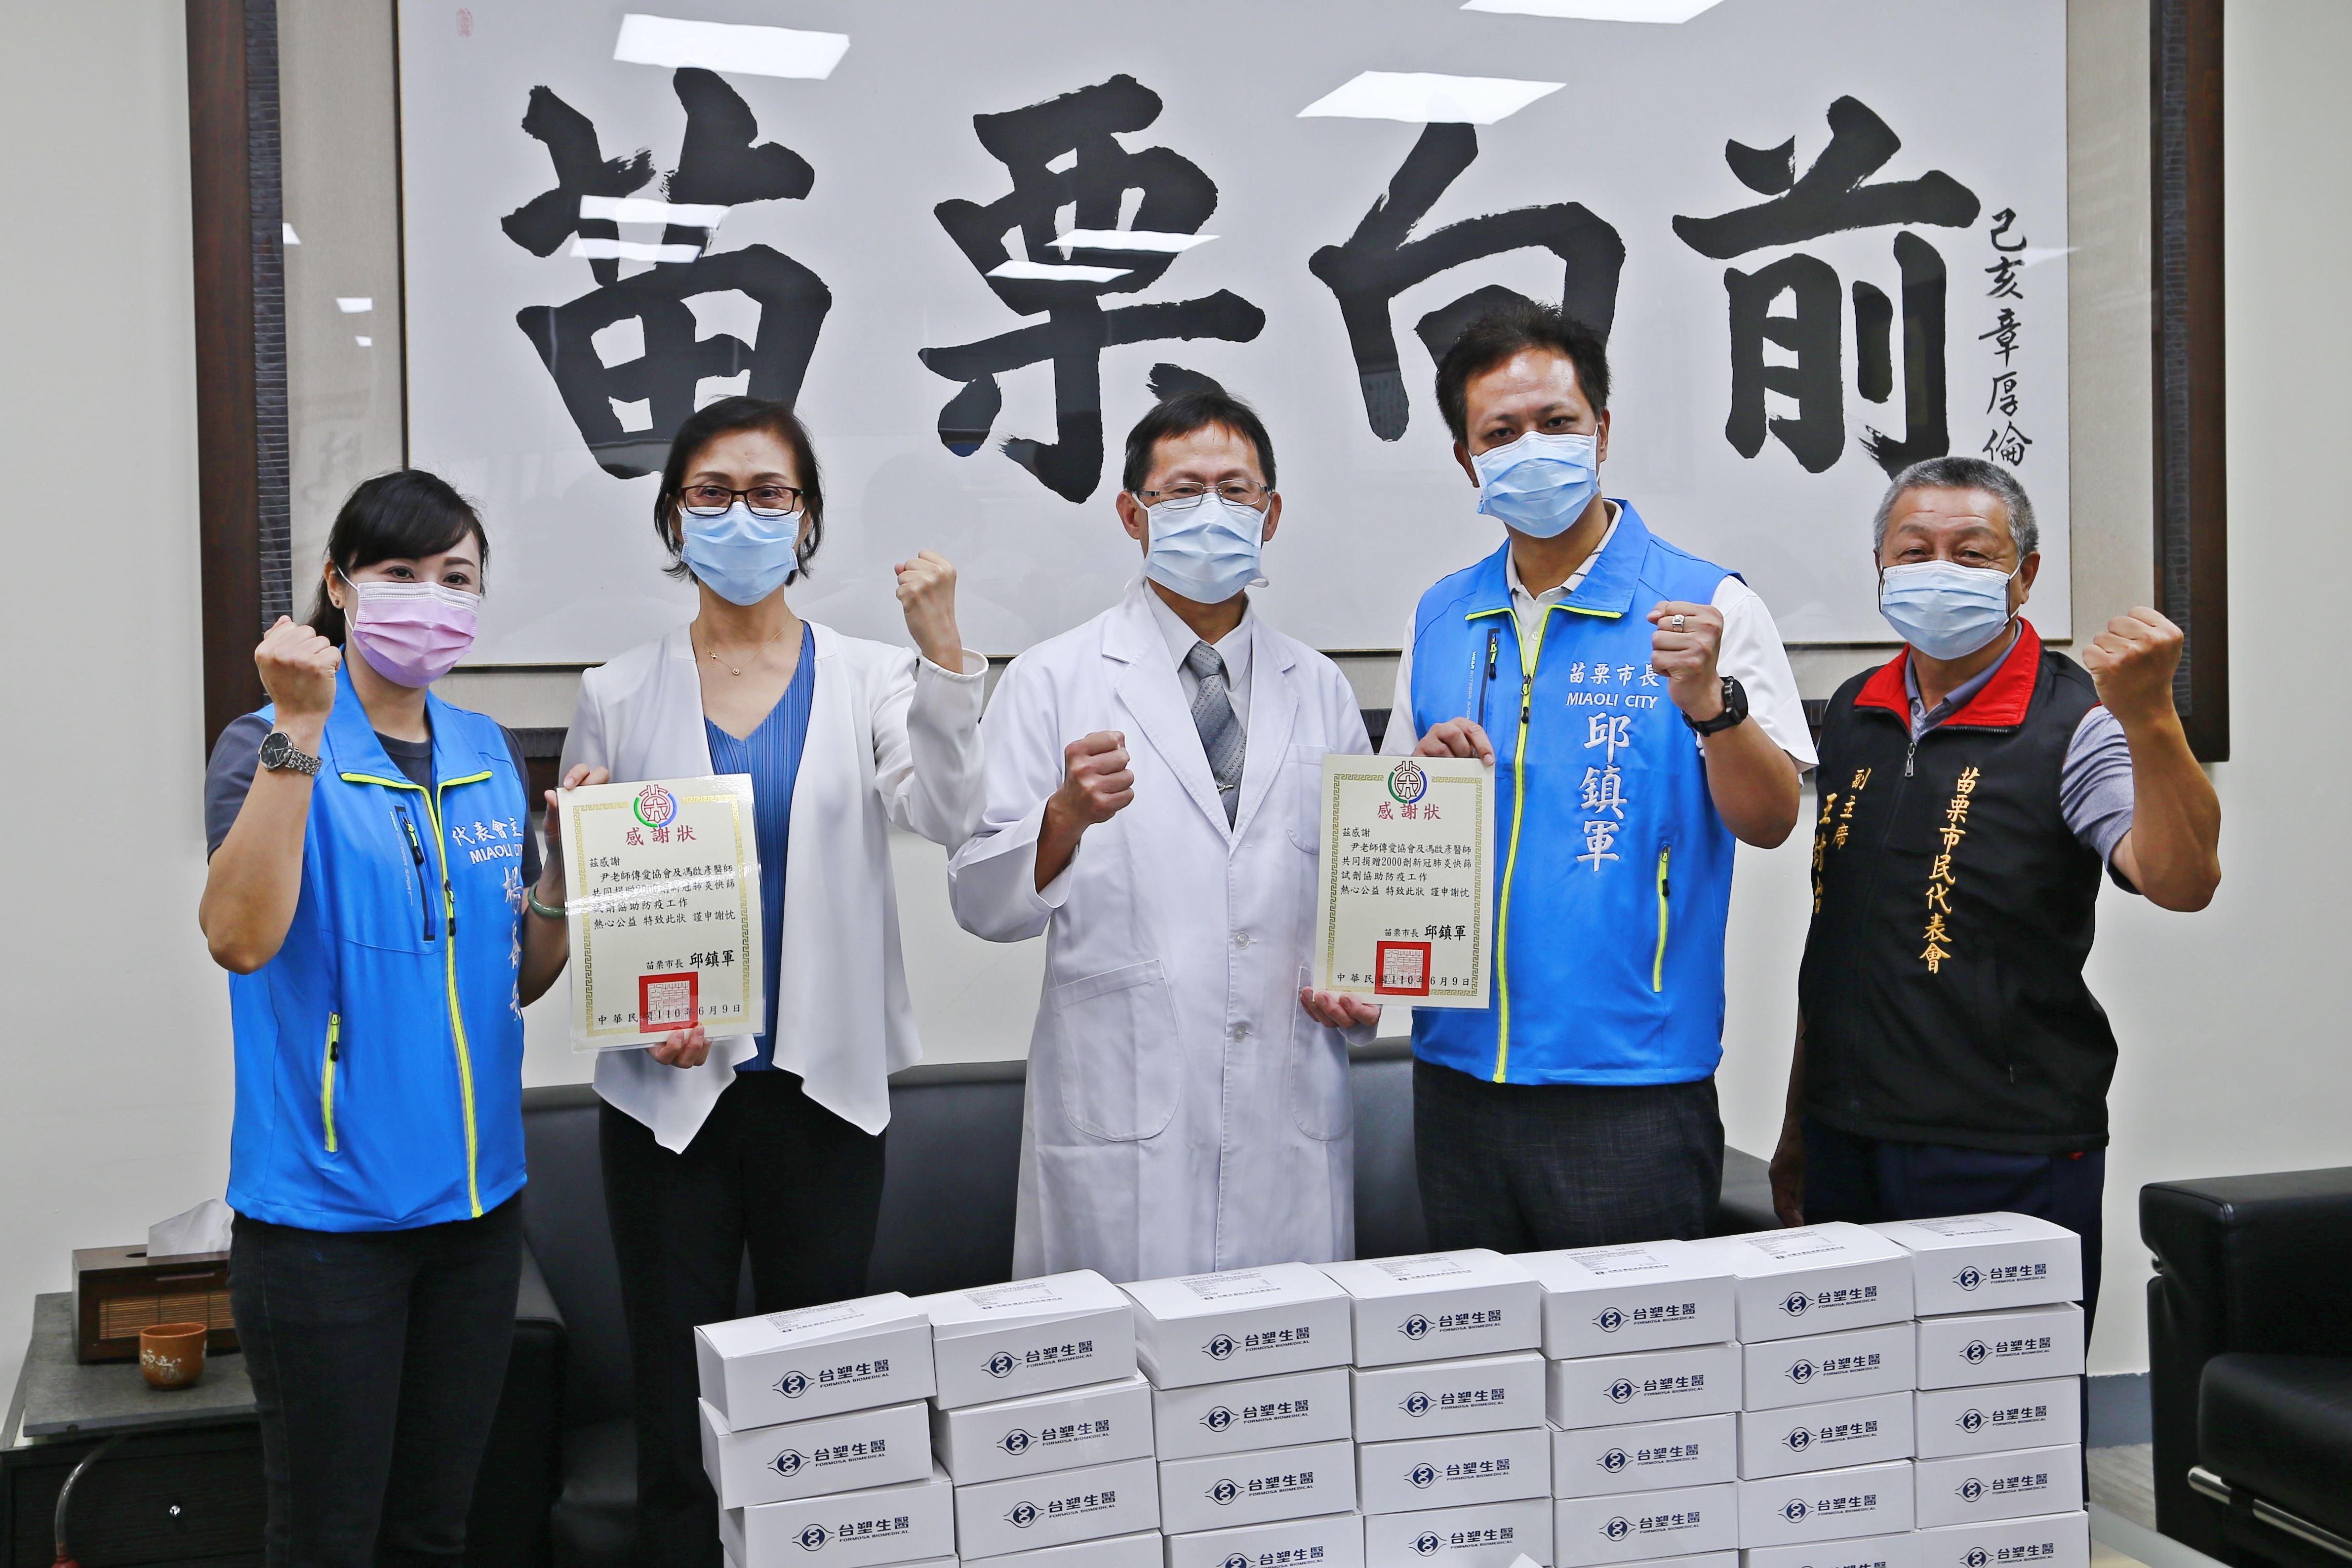 尹老師傳愛協會、馮啟彥醫師共同捐贈本市2000劑快篩試劑